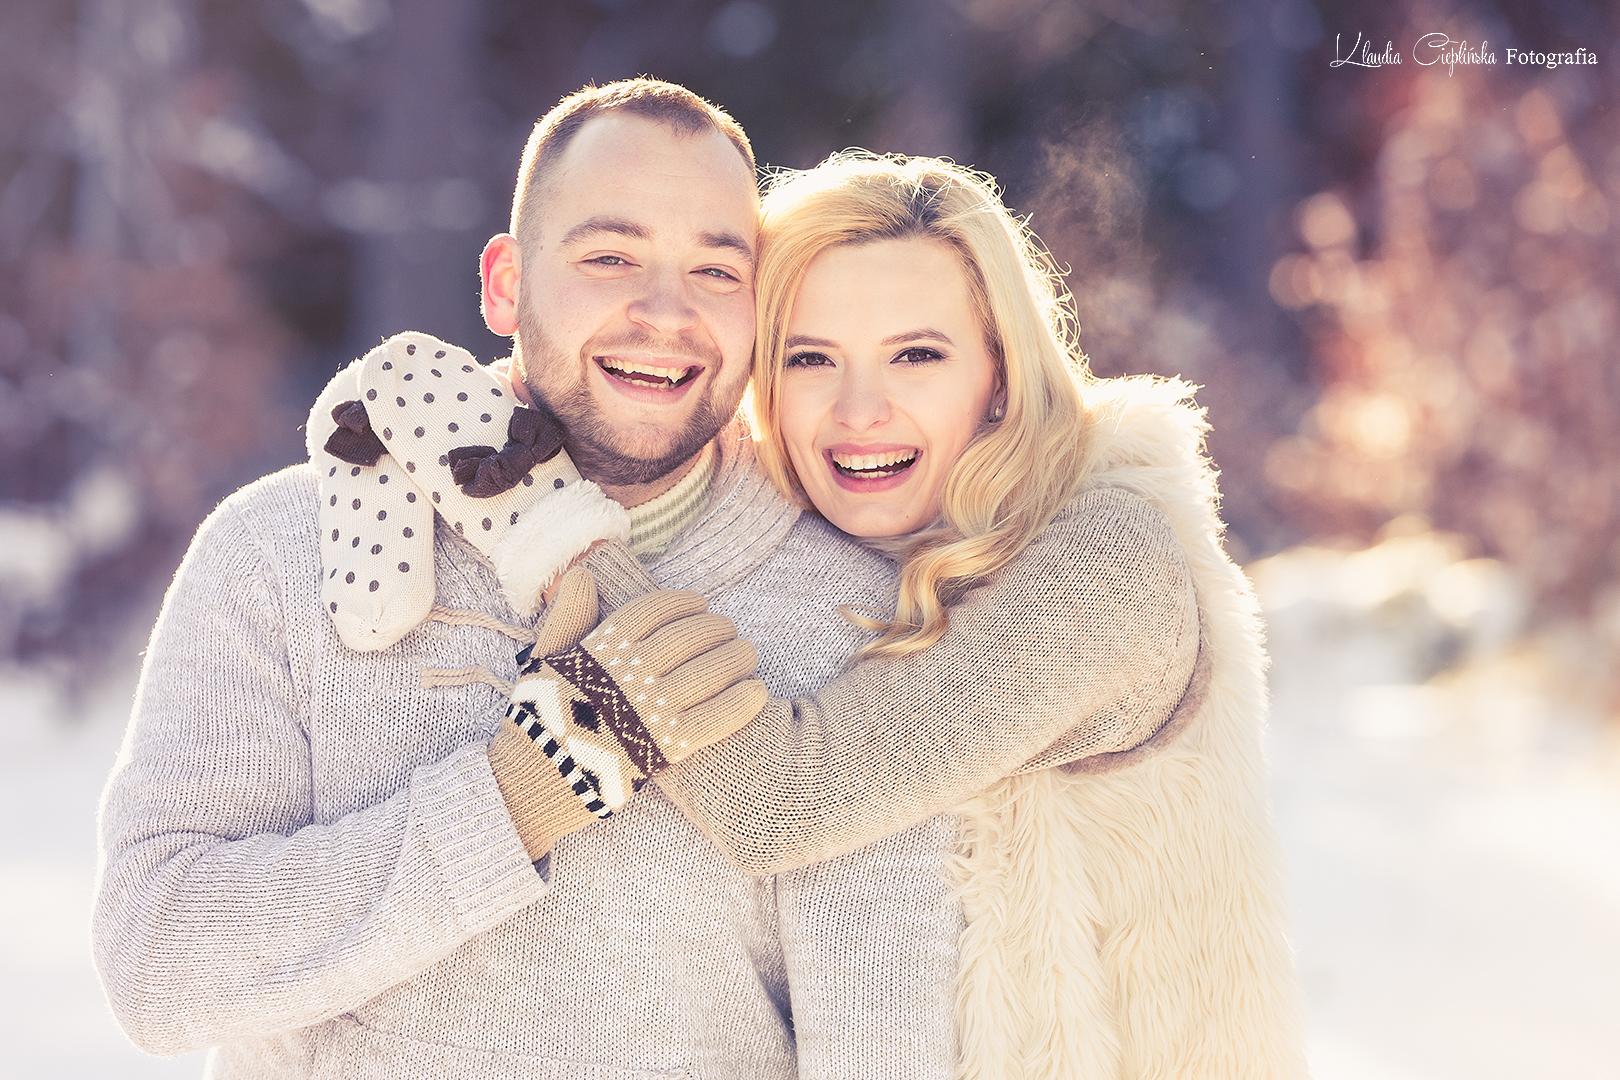 Zimowa sesja plenerowa w Karkonoszach. Profesjonalne sesje zdjęciowe, zdjęcia artystyczne, sesje narzeczeńskie, portretowe, rodzinne.